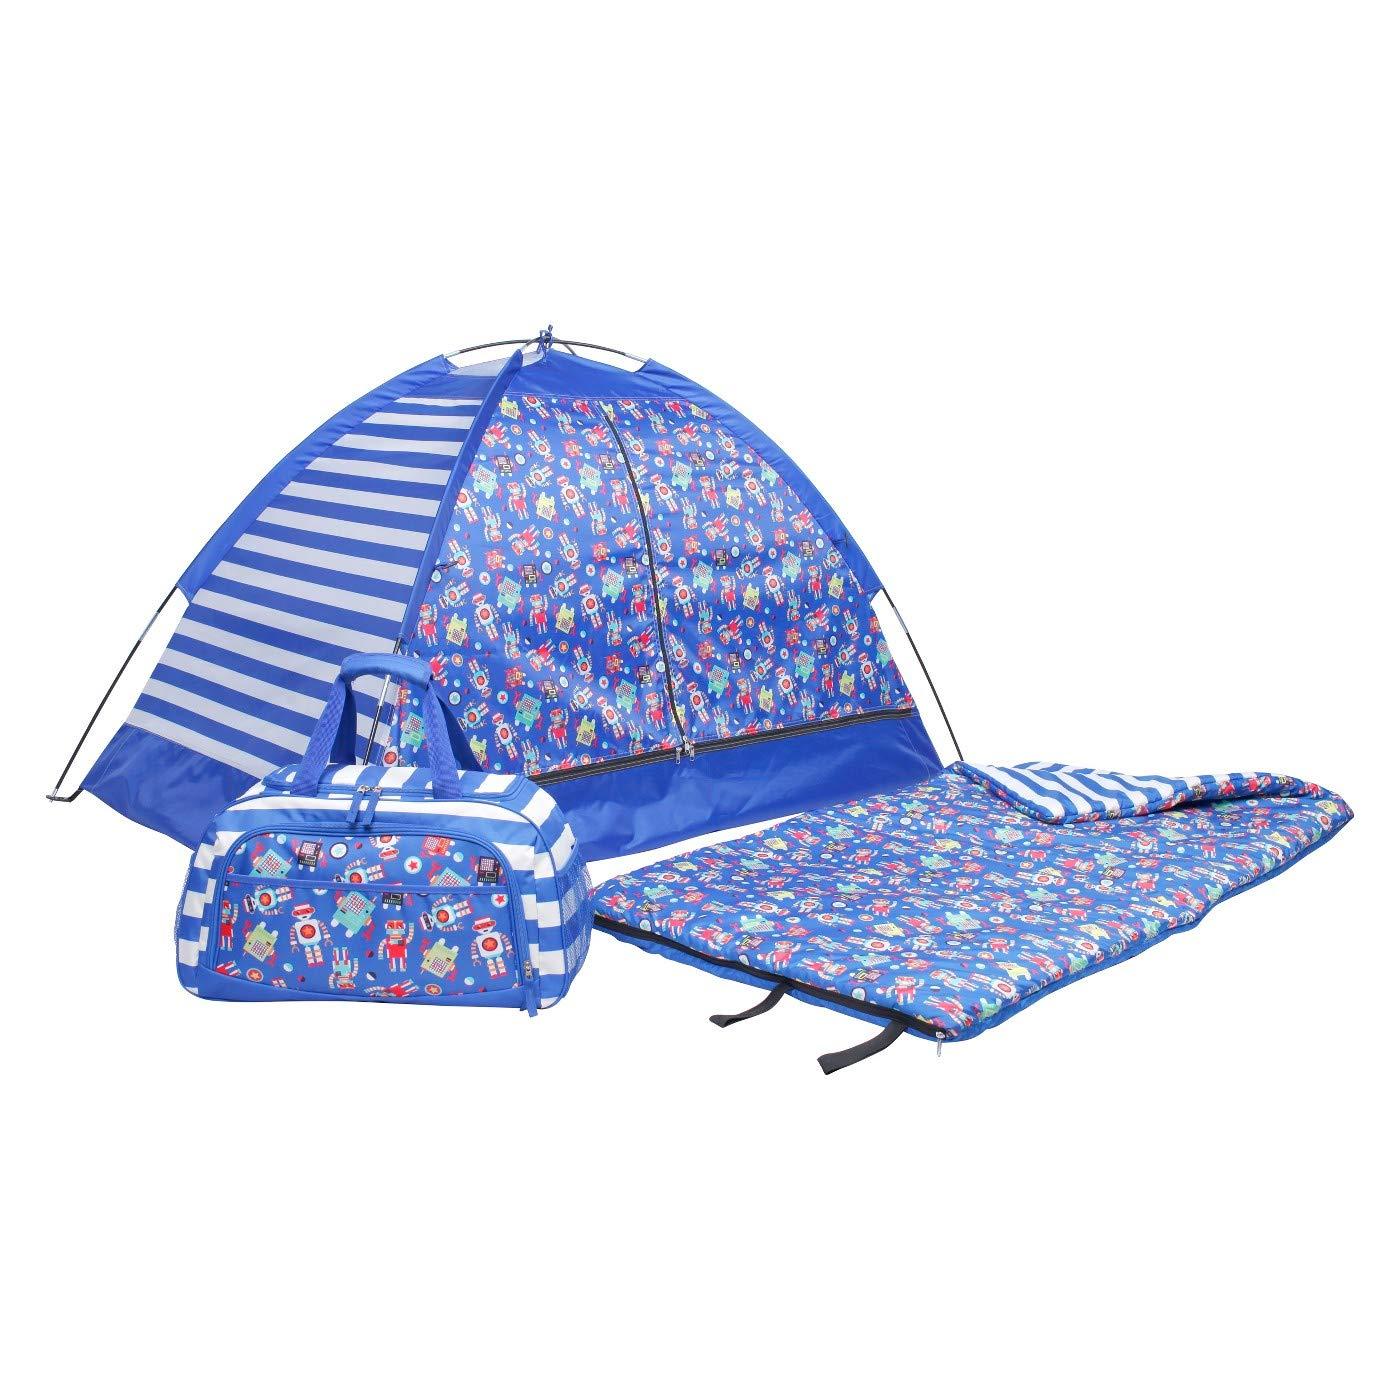 CRCKT Kids' Robot 3pc 50 Degree Sleeping Bag - Blue